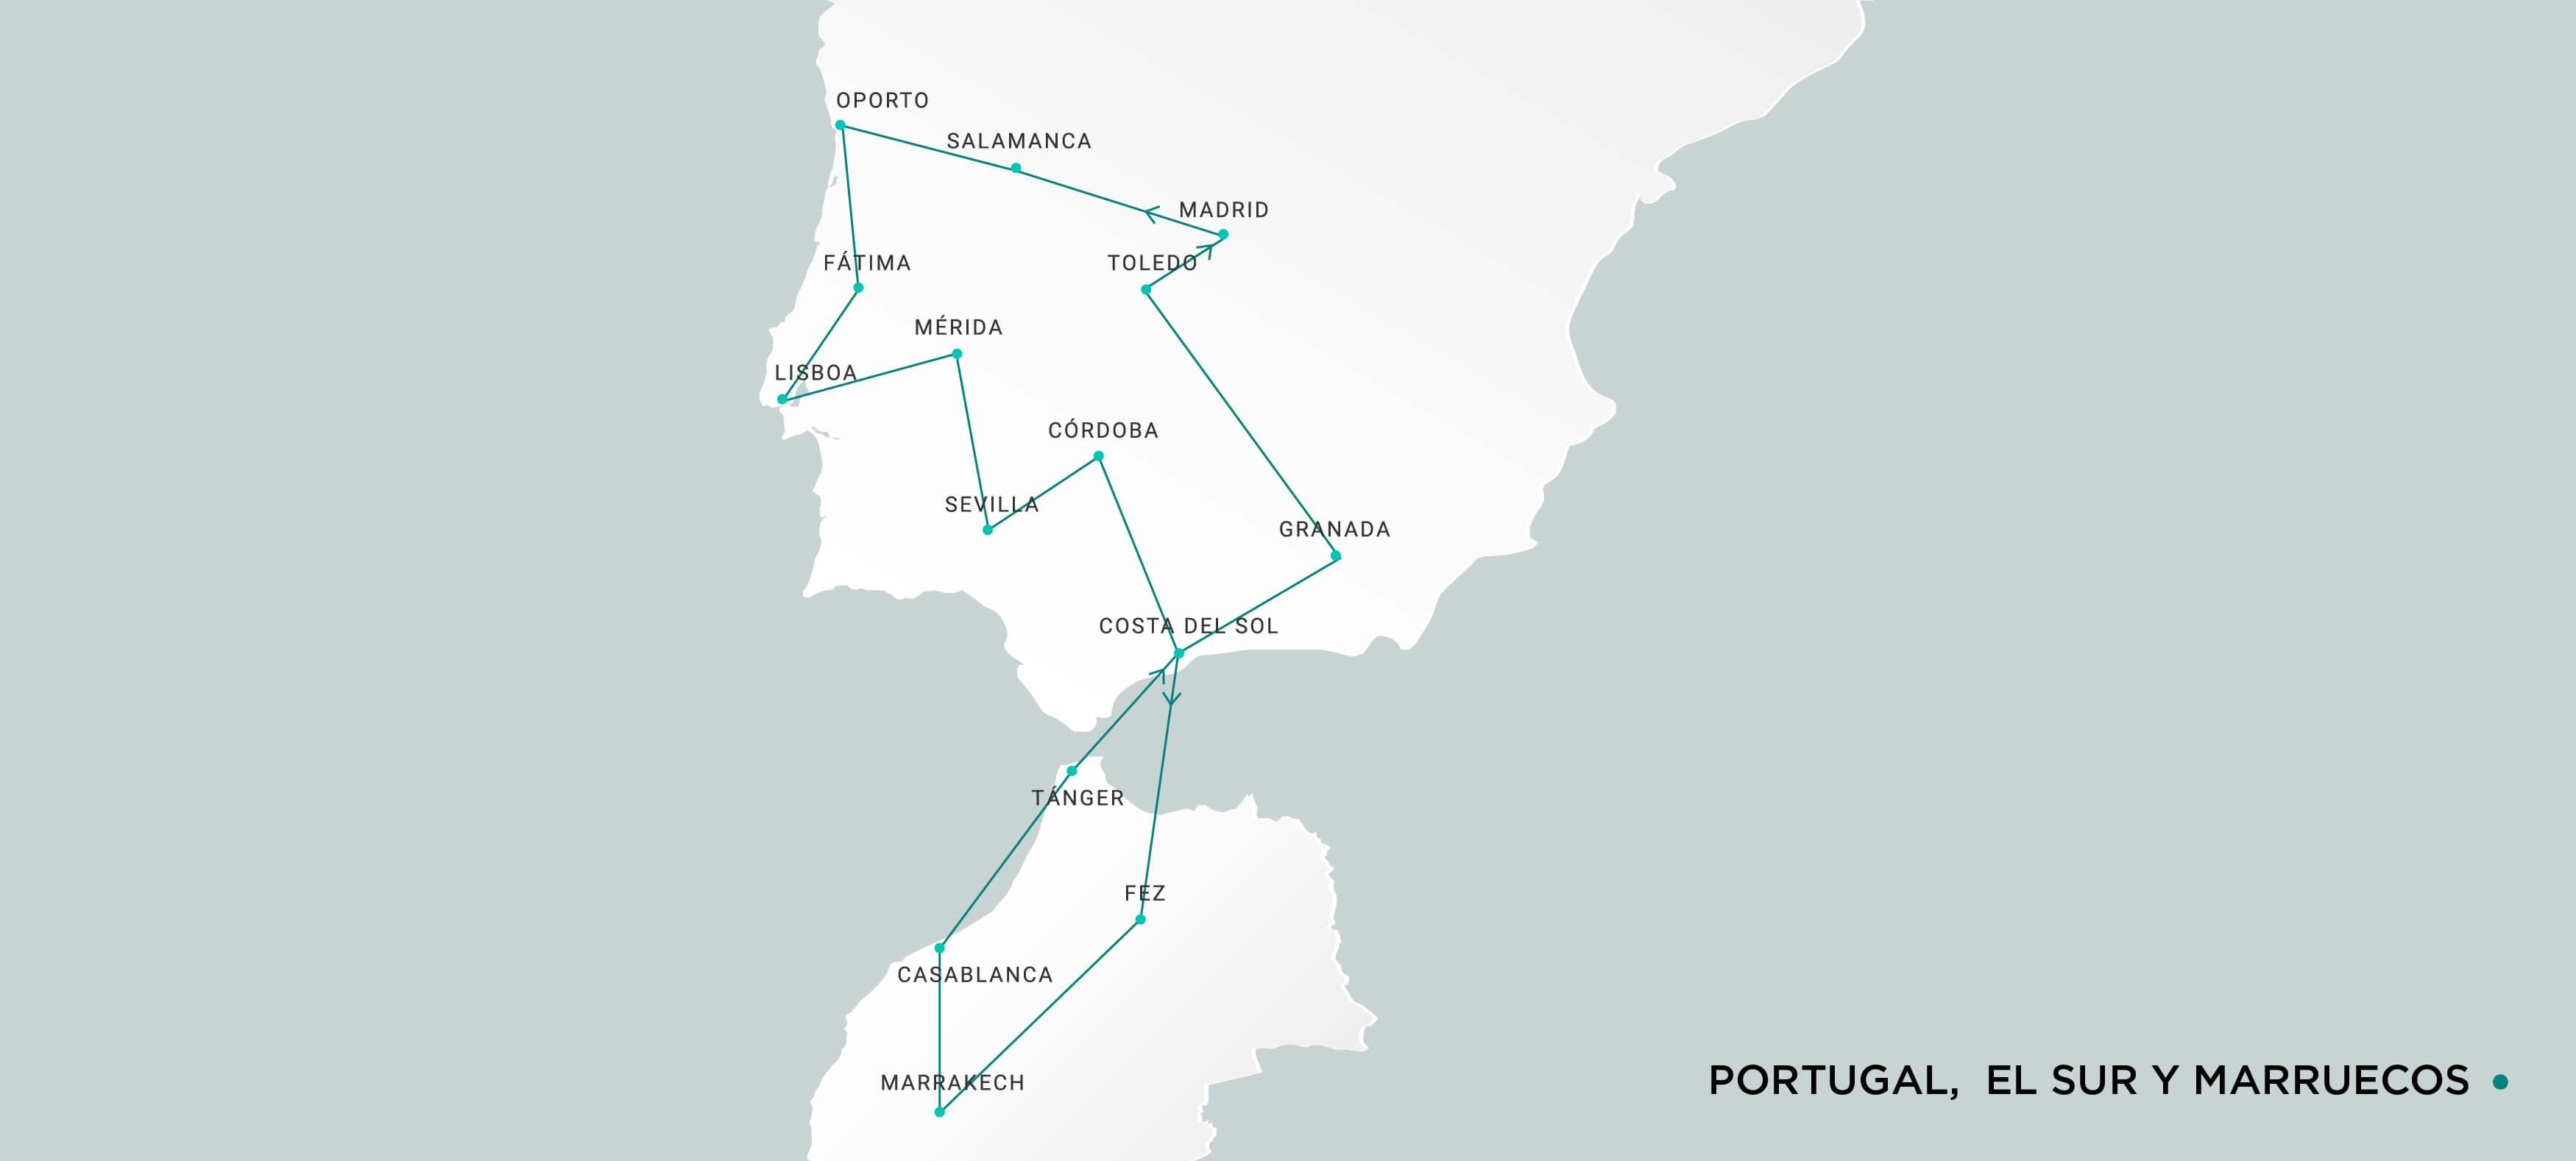 Mapa Portugal, el Sur y Marruecos